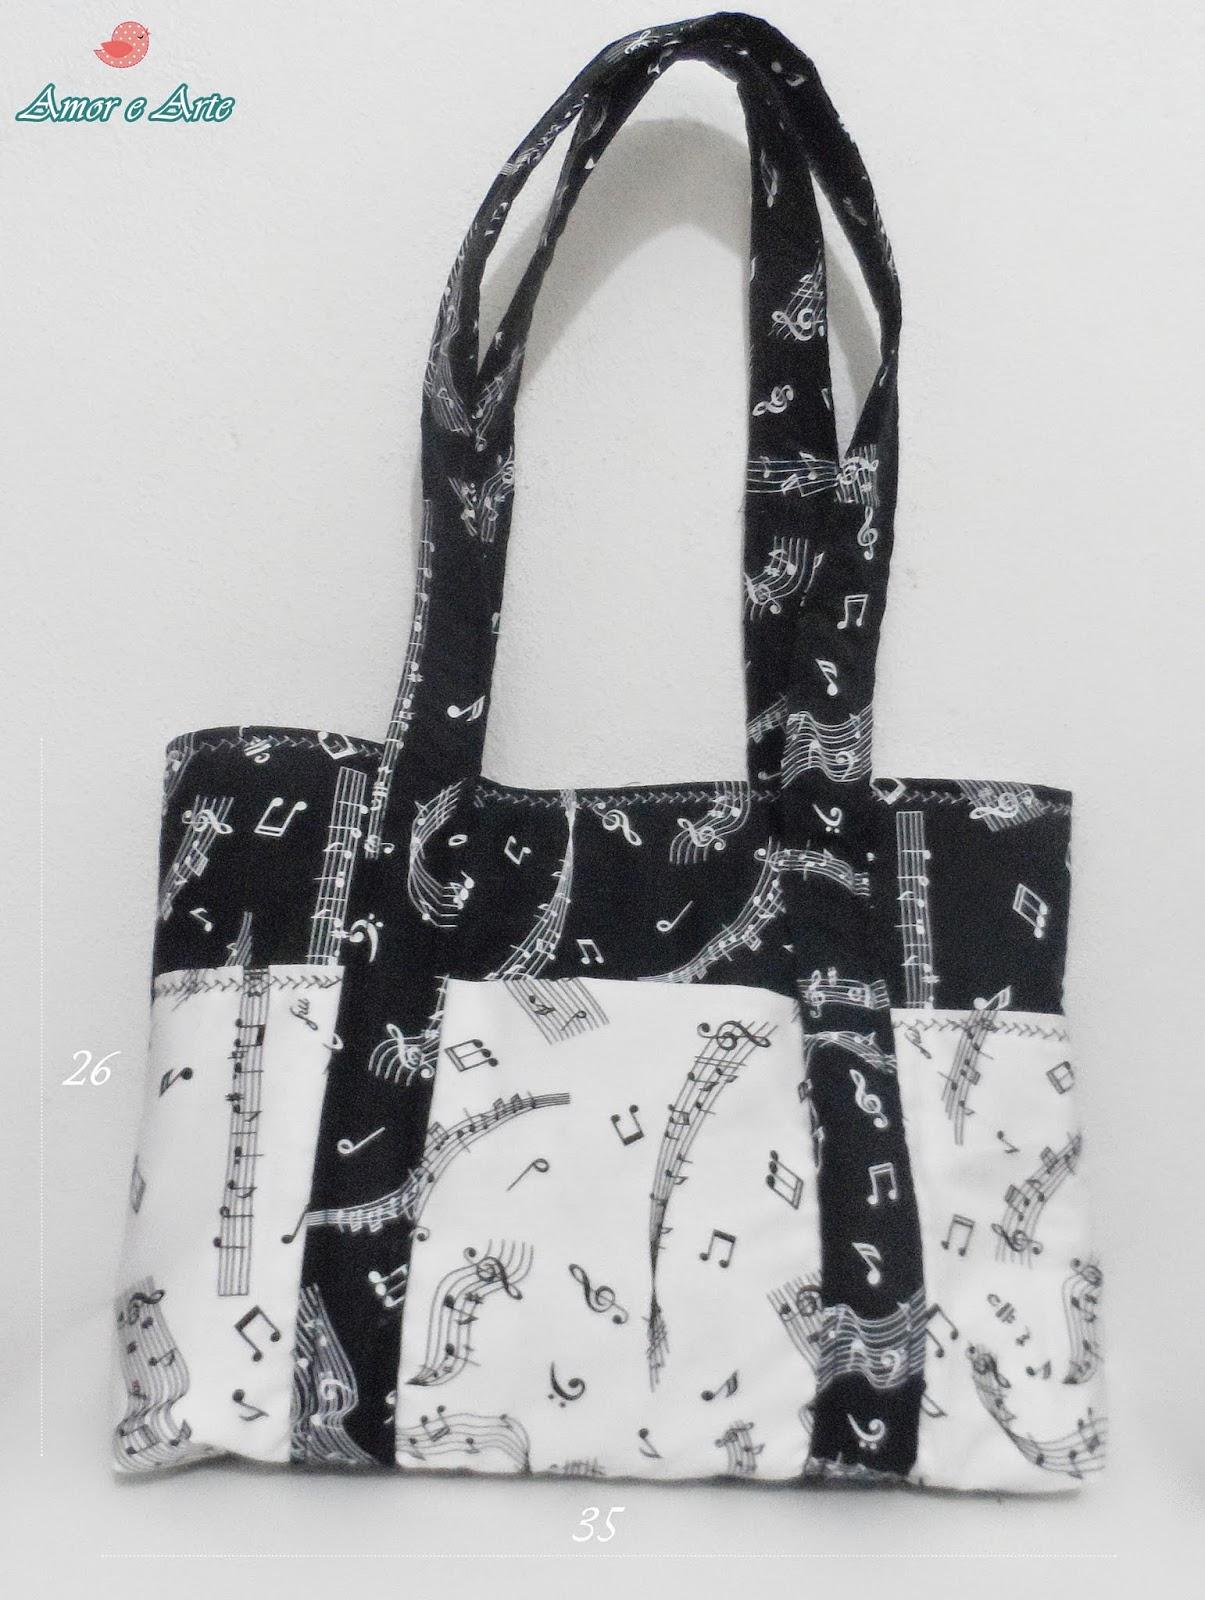 Bolsa de Tecido, em preto e branco com motivos musicais